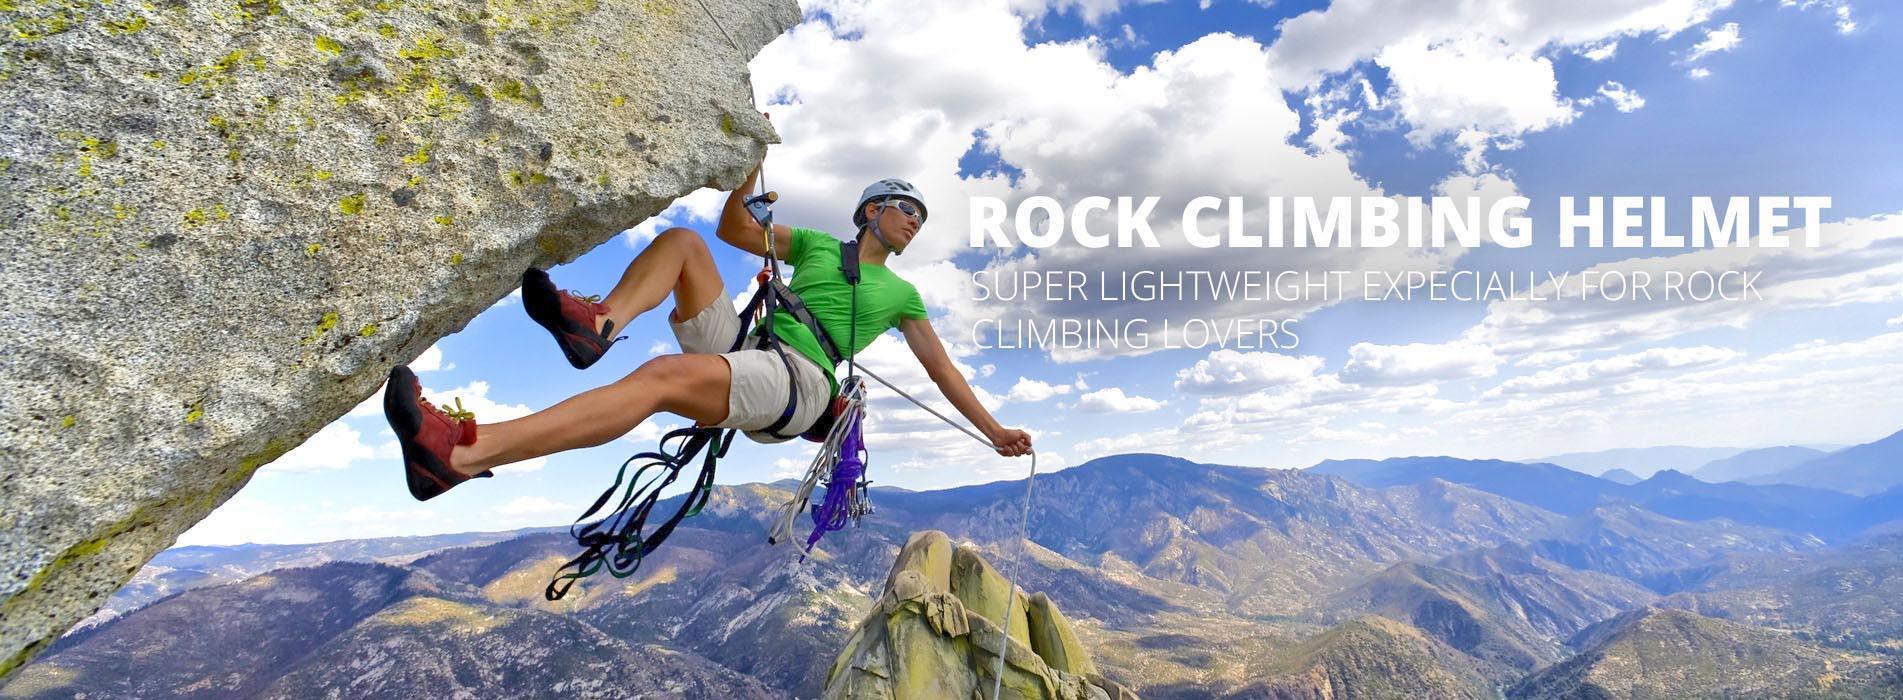 climbing helmet banner